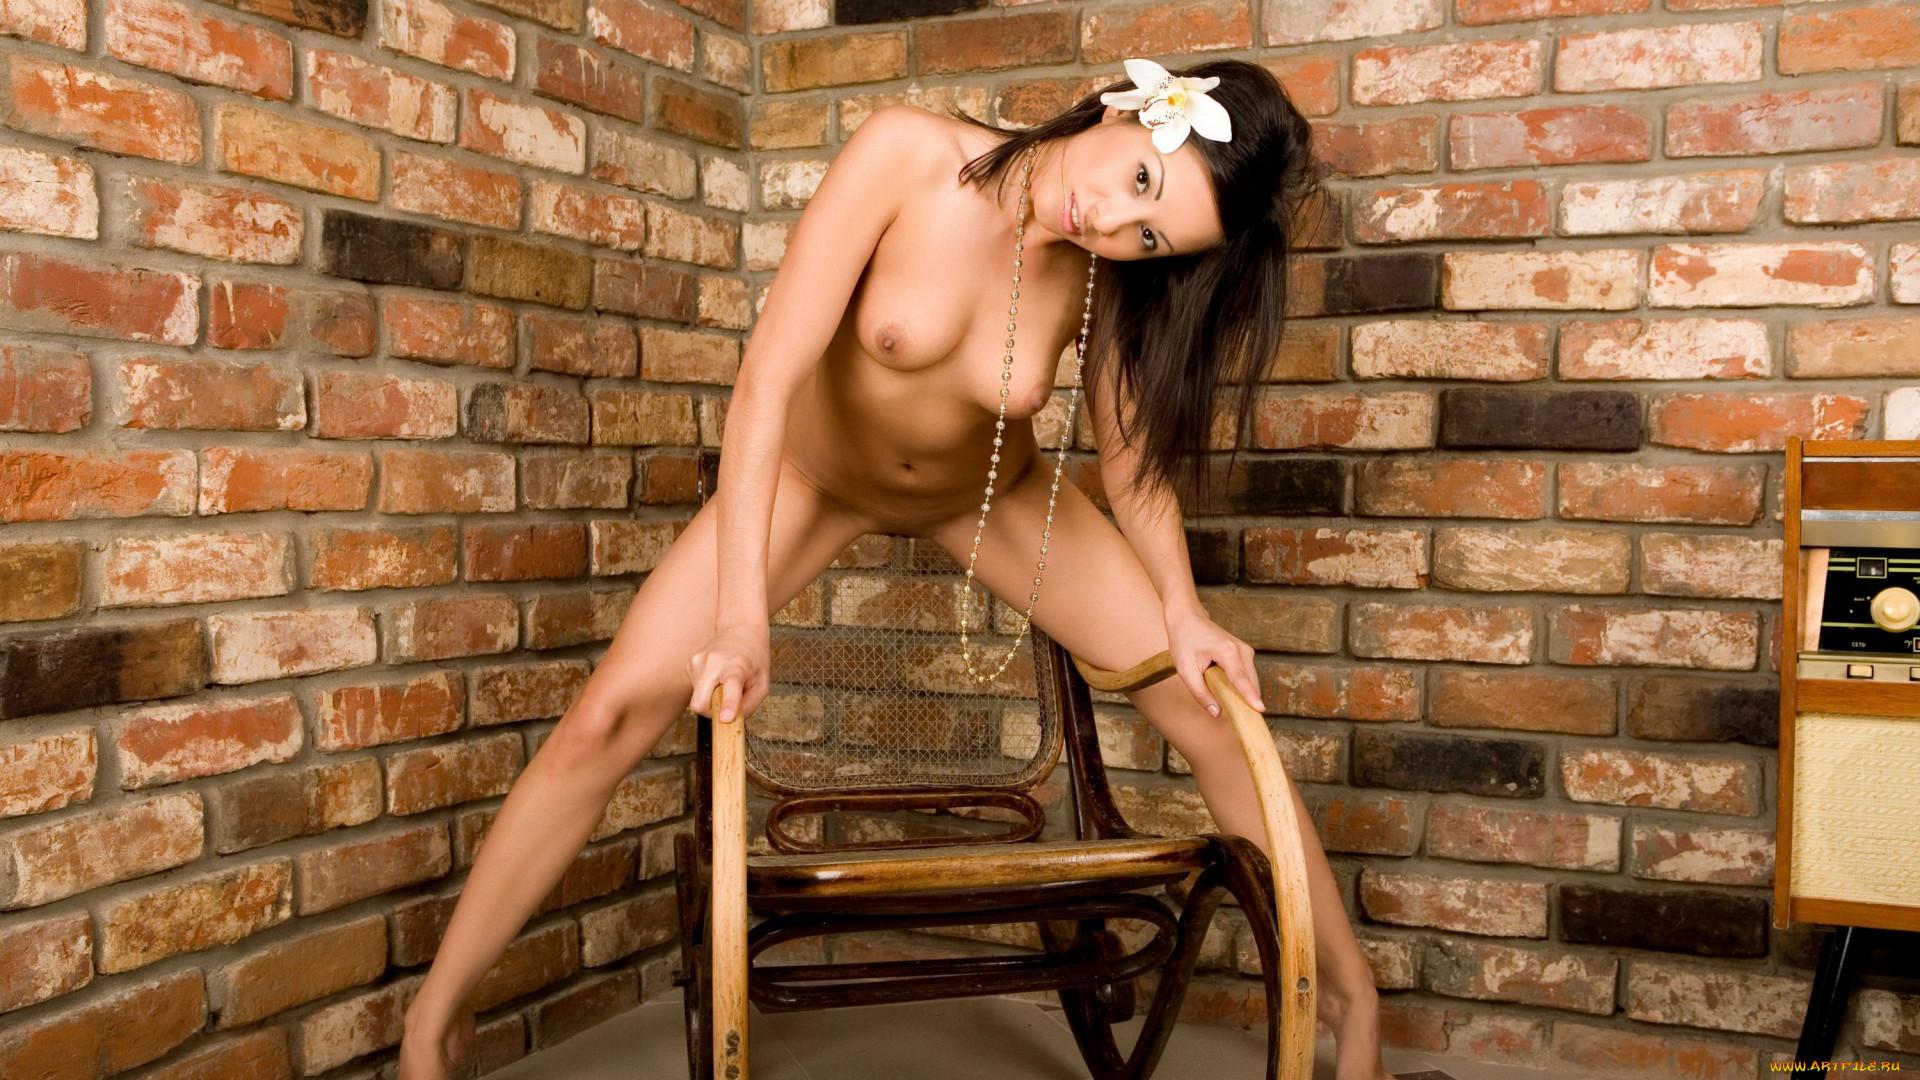 galerei-eroticheskih-oboy